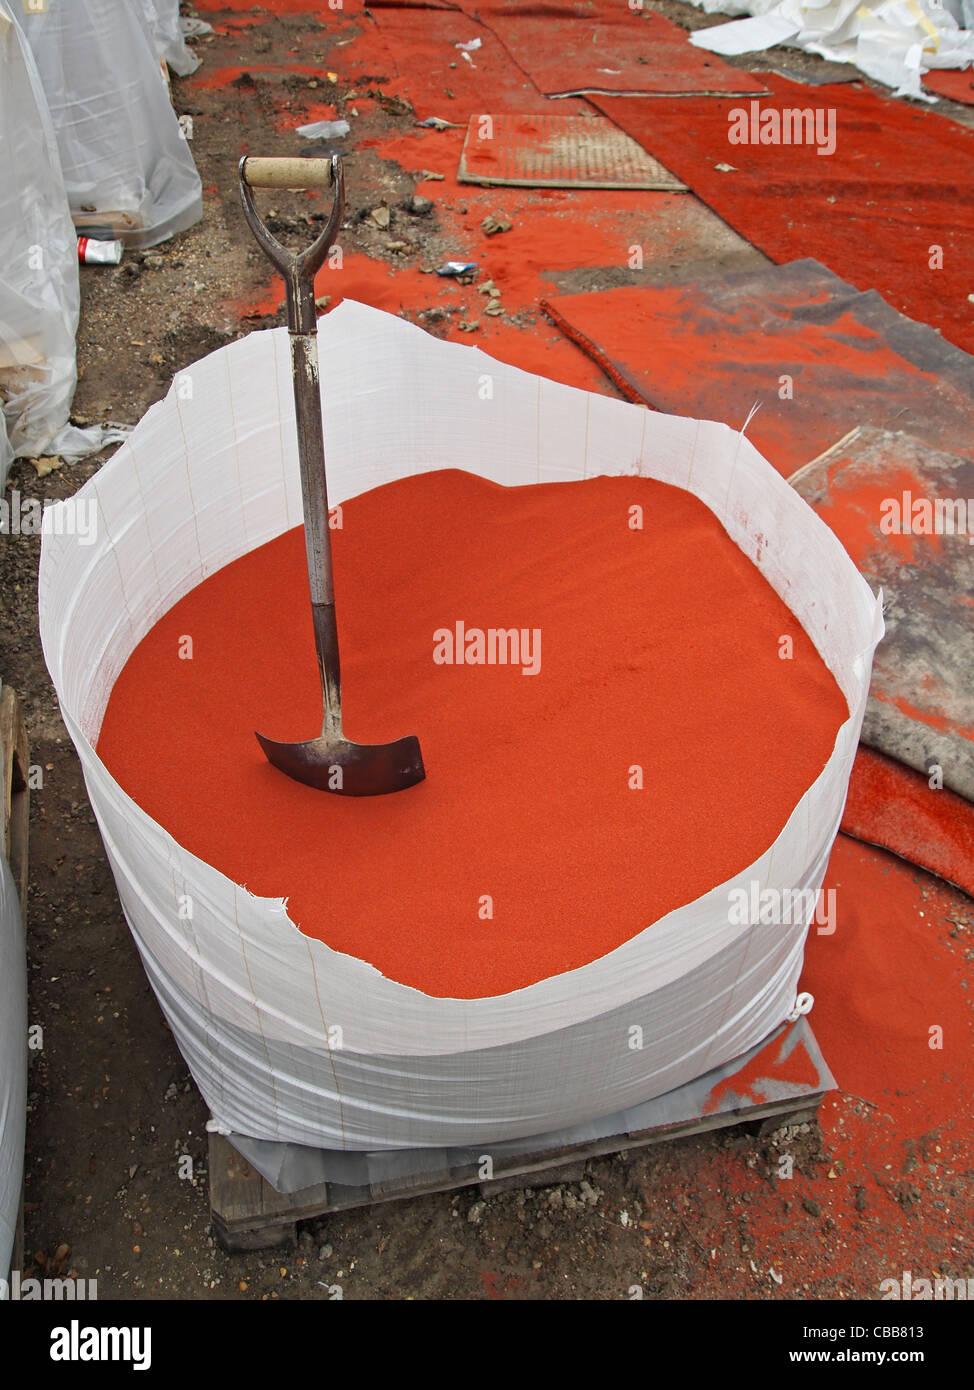 Construcción de canchas de tenis de arcilla sintética - una bolsa de la capa superior de arcilla Imagen De Stock